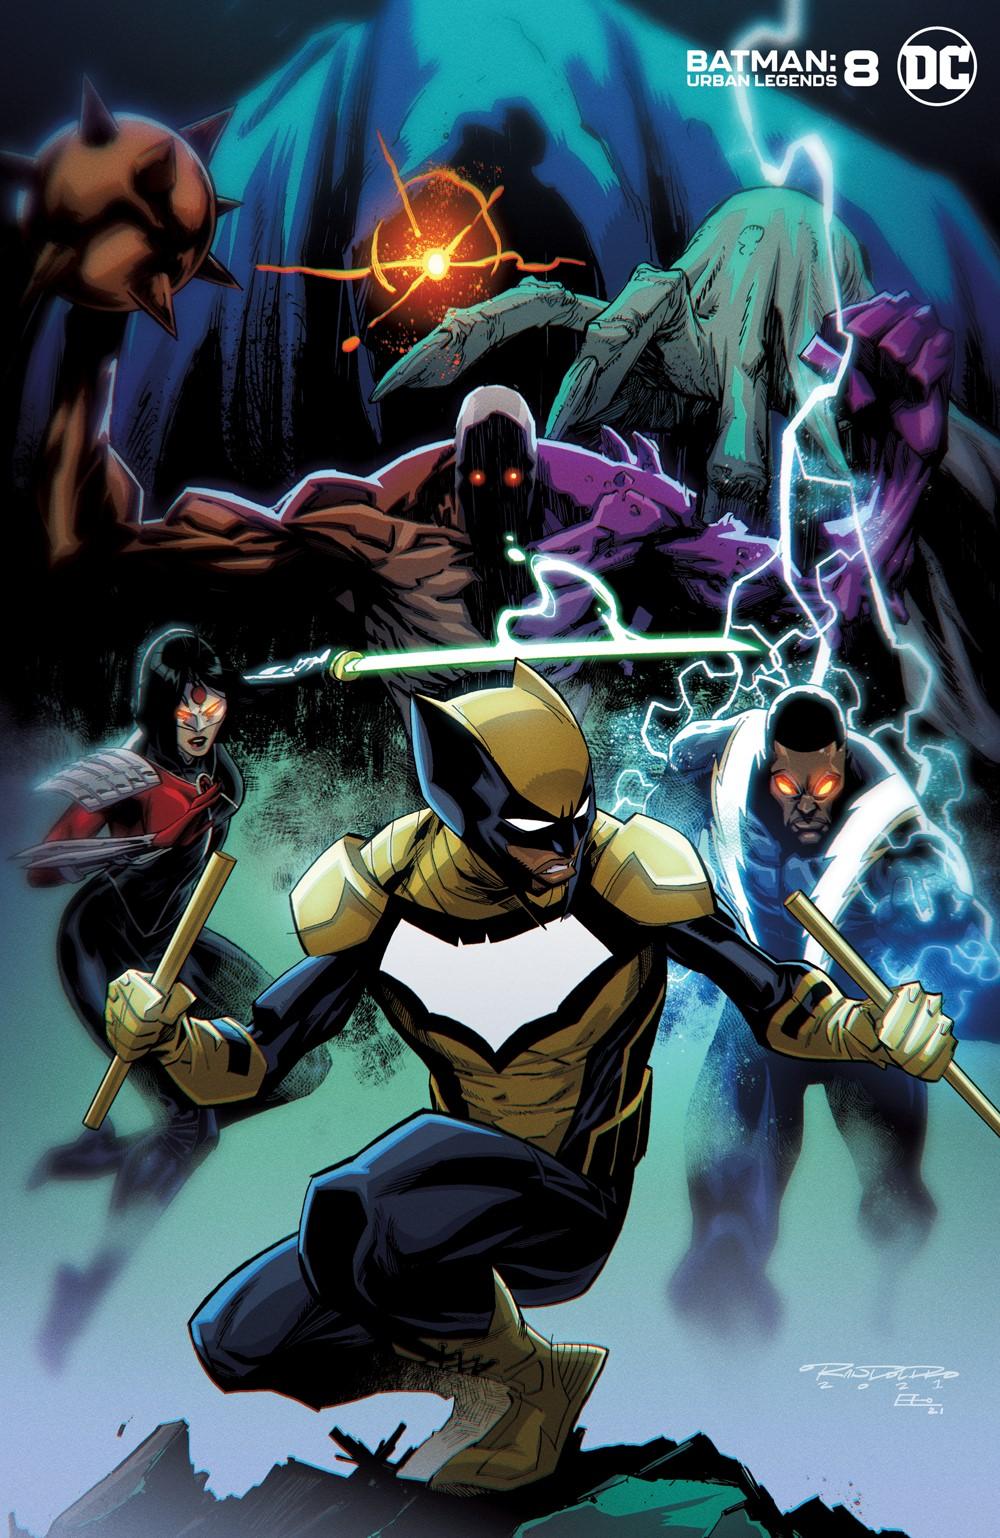 BMUL_Cv8_var_00831 DC Comics October 2021 Solicitations